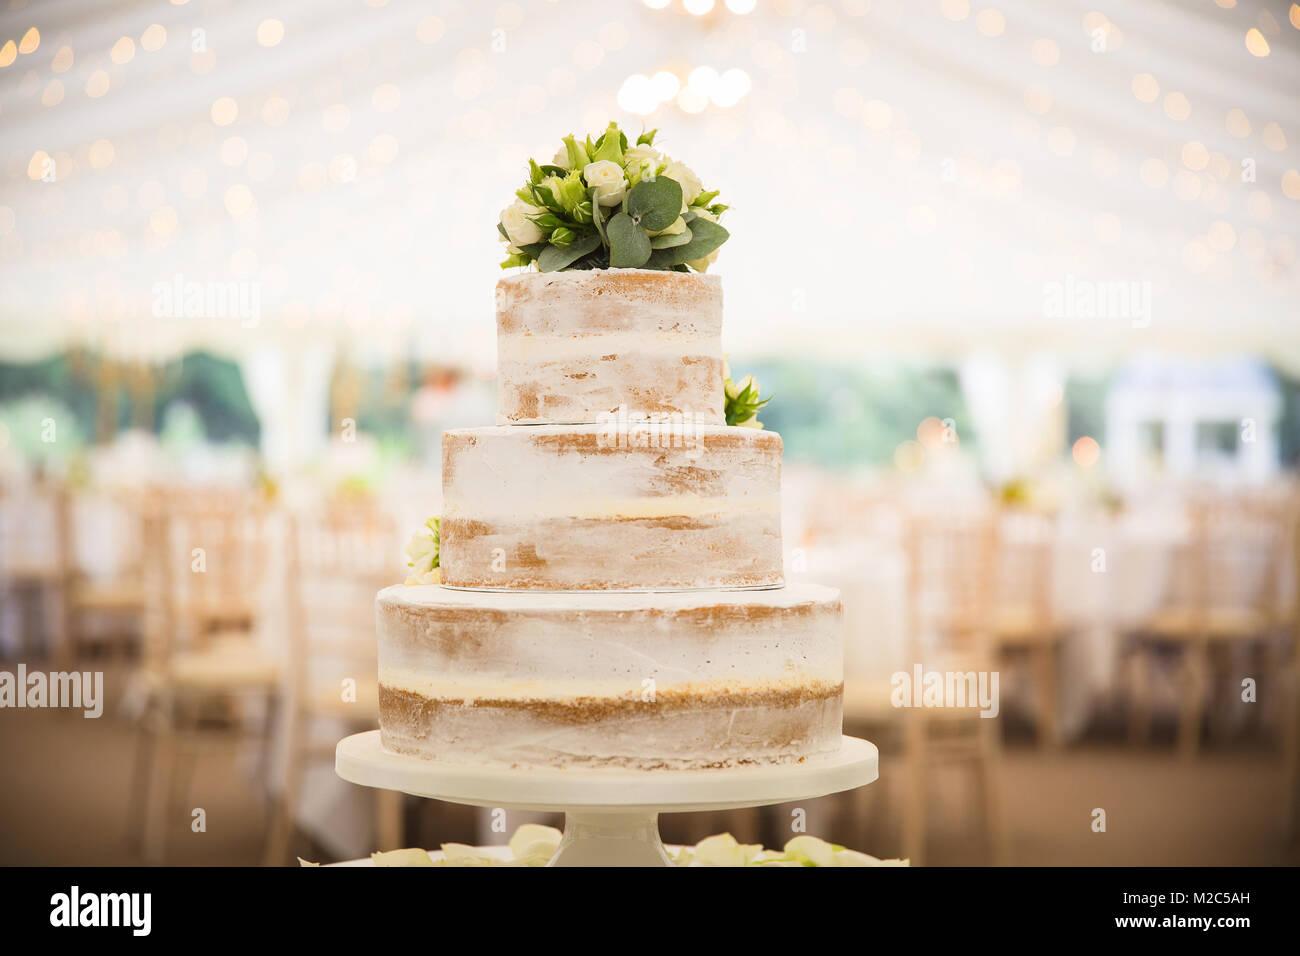 Tres niveles de pastel de boda, coronado con flores, en el recuadro vacío Imagen De Stock